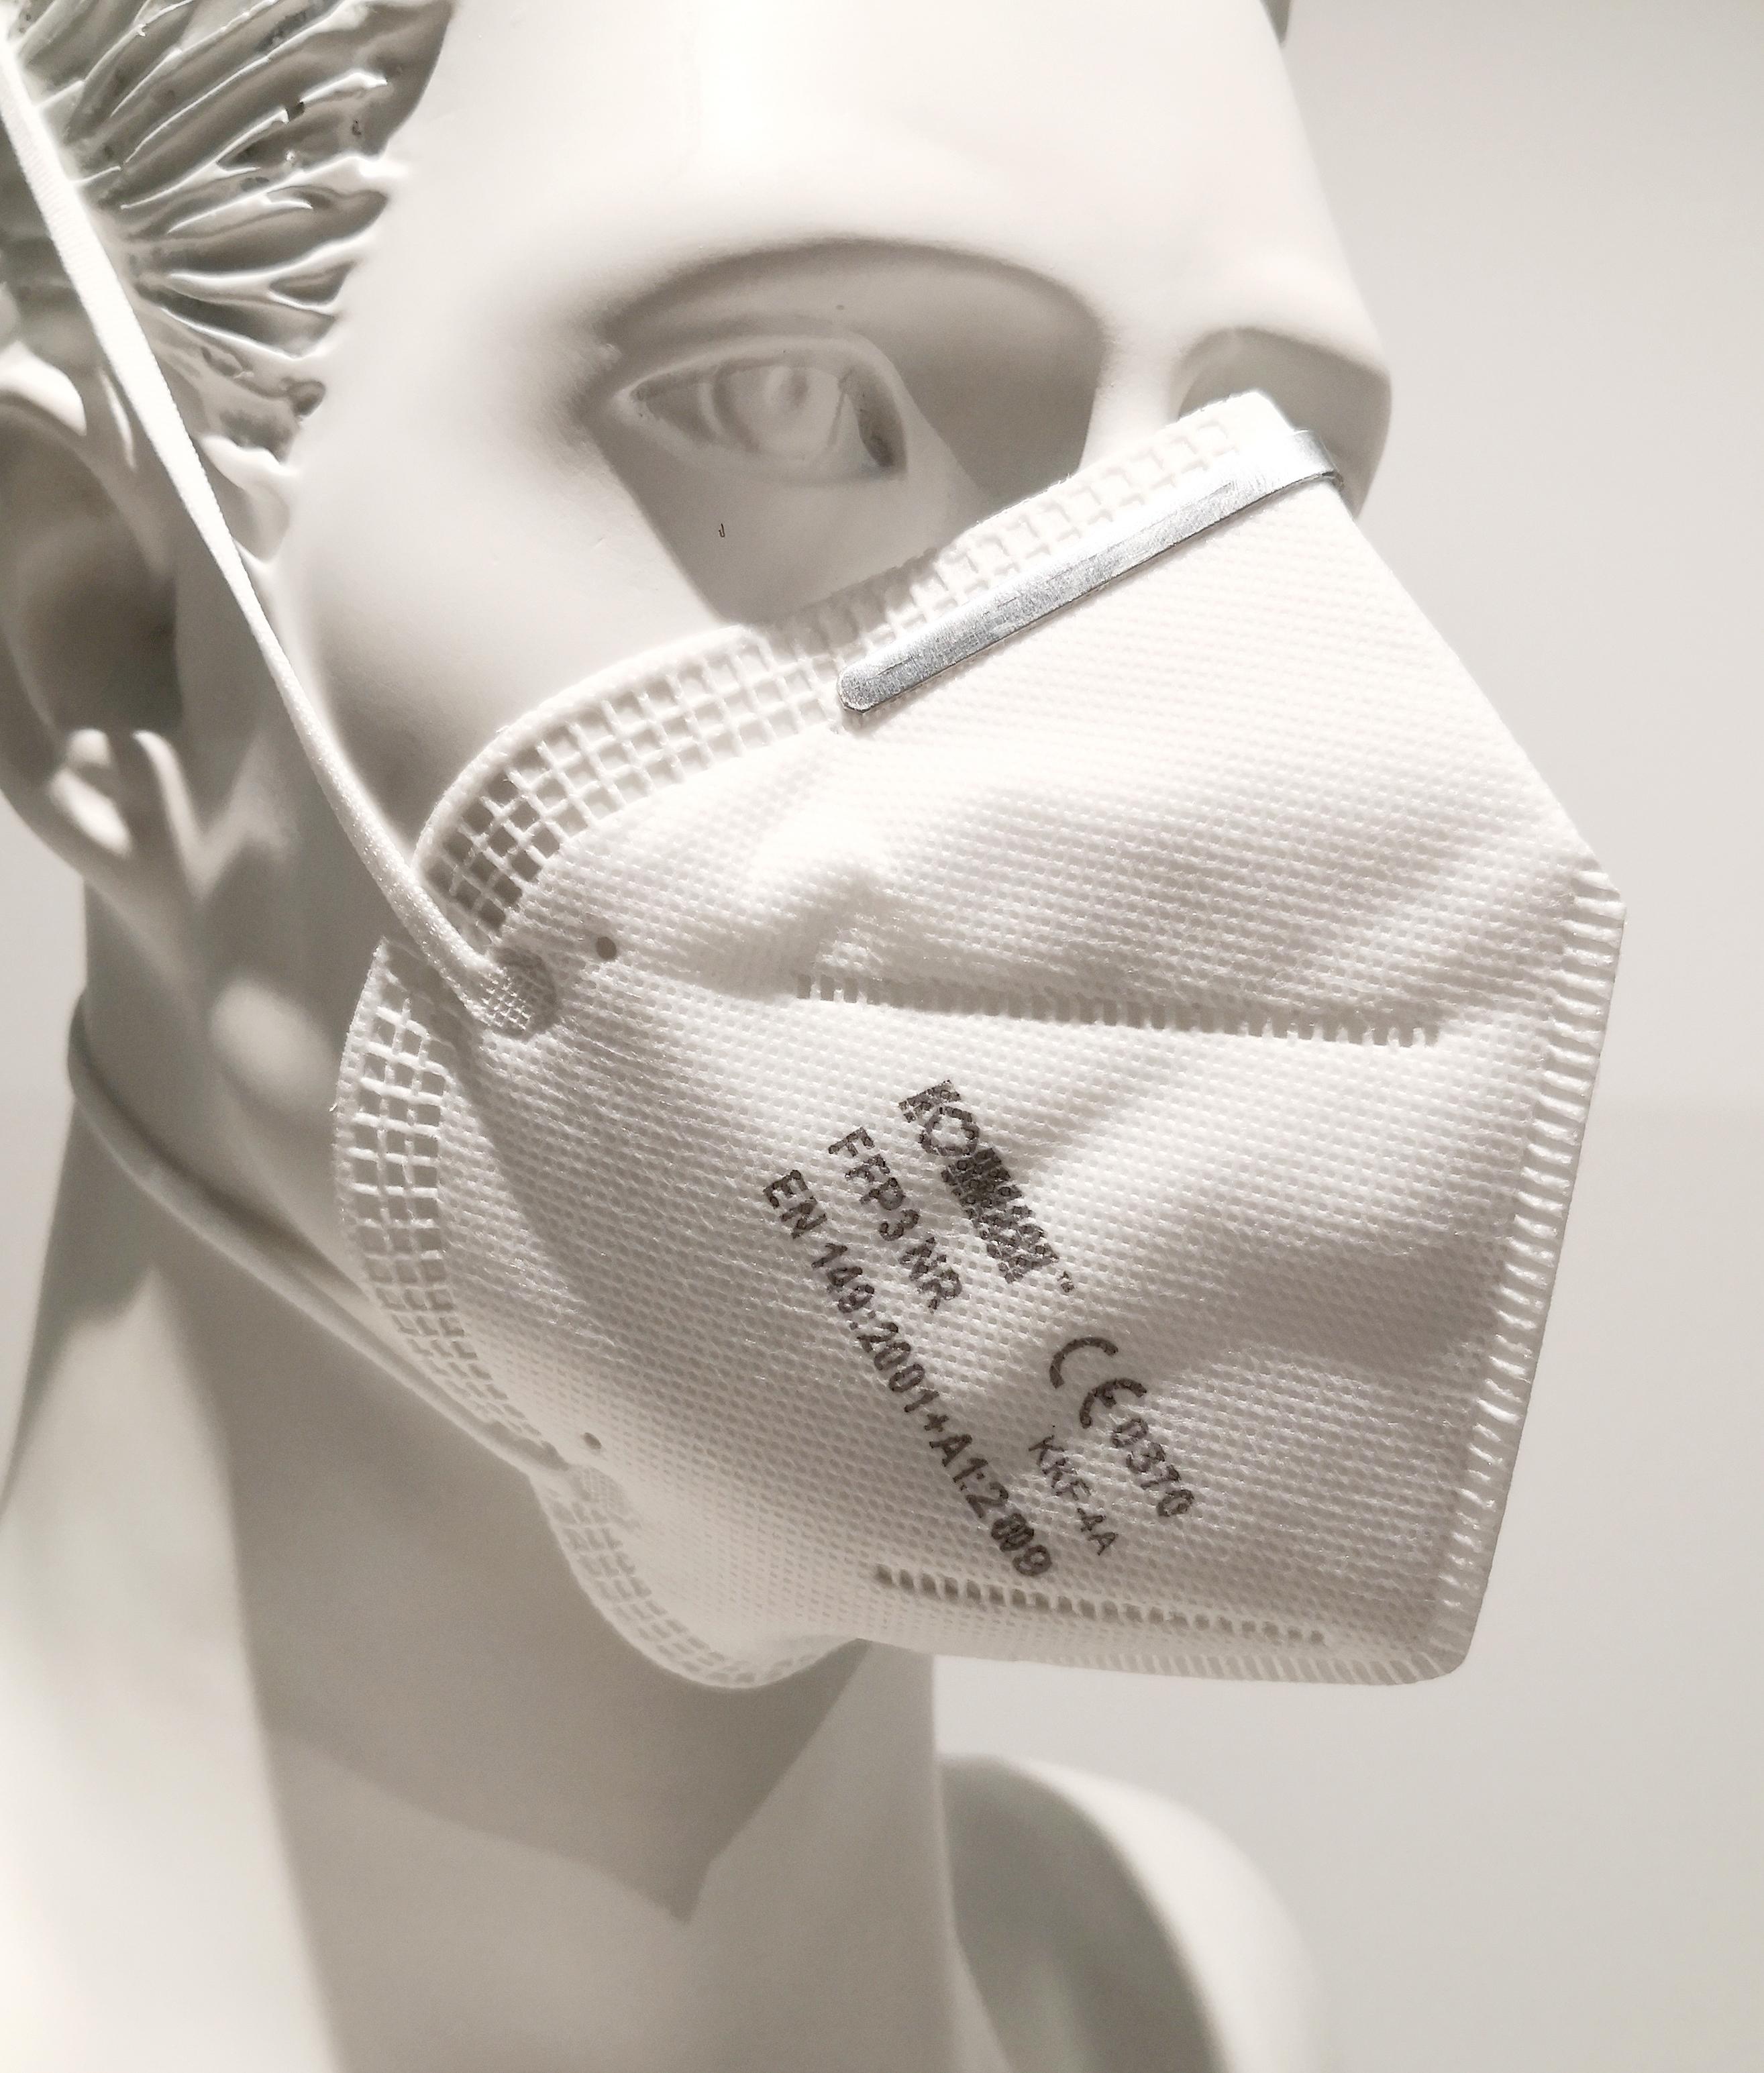 FFP3 NR Maske Dekra geprüft CE-Zertifiziert Koumask